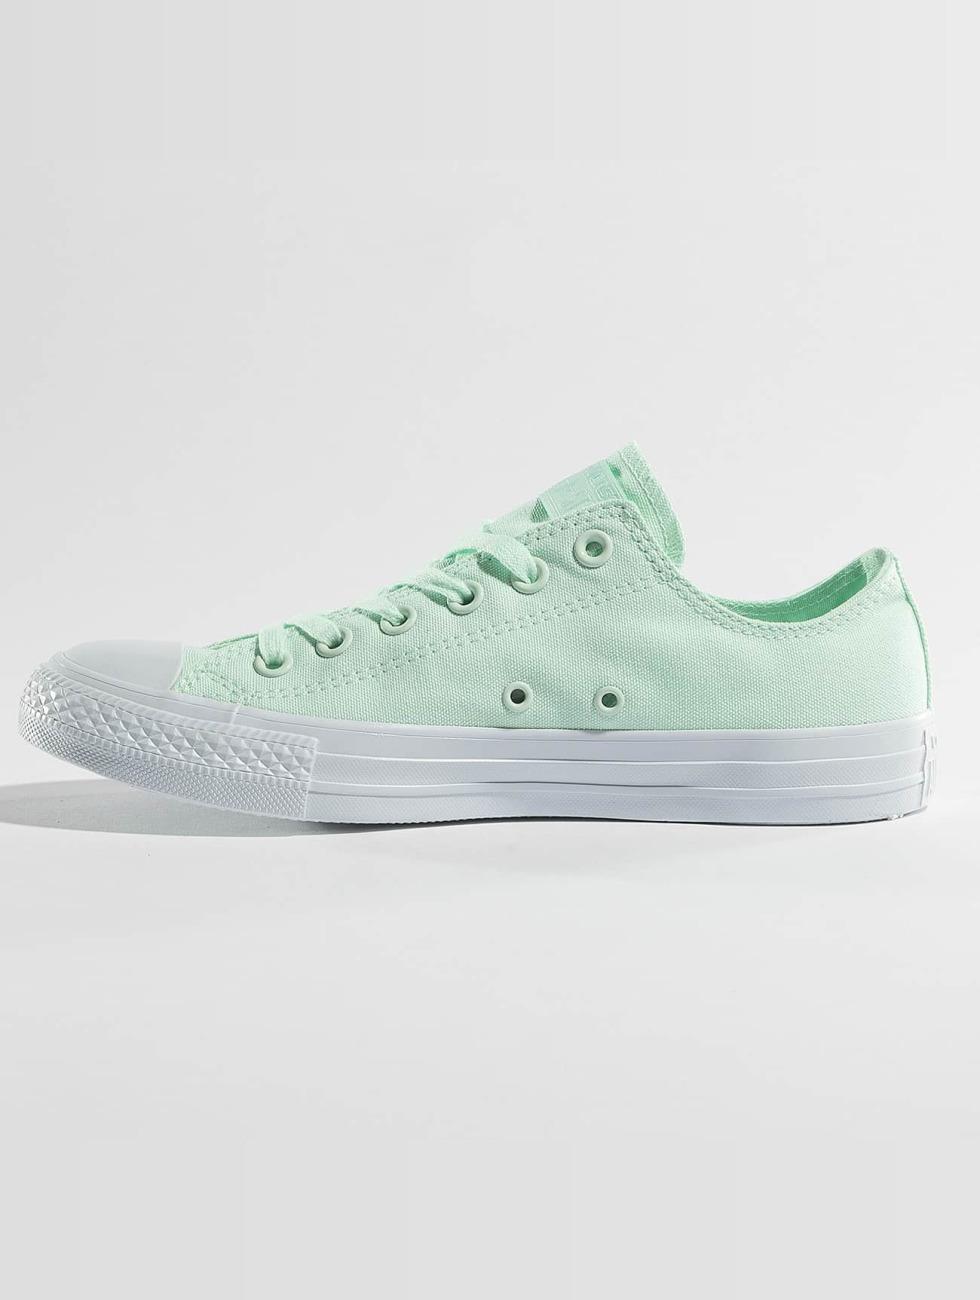 Converse Baskets Chuck Taylor All Star vert